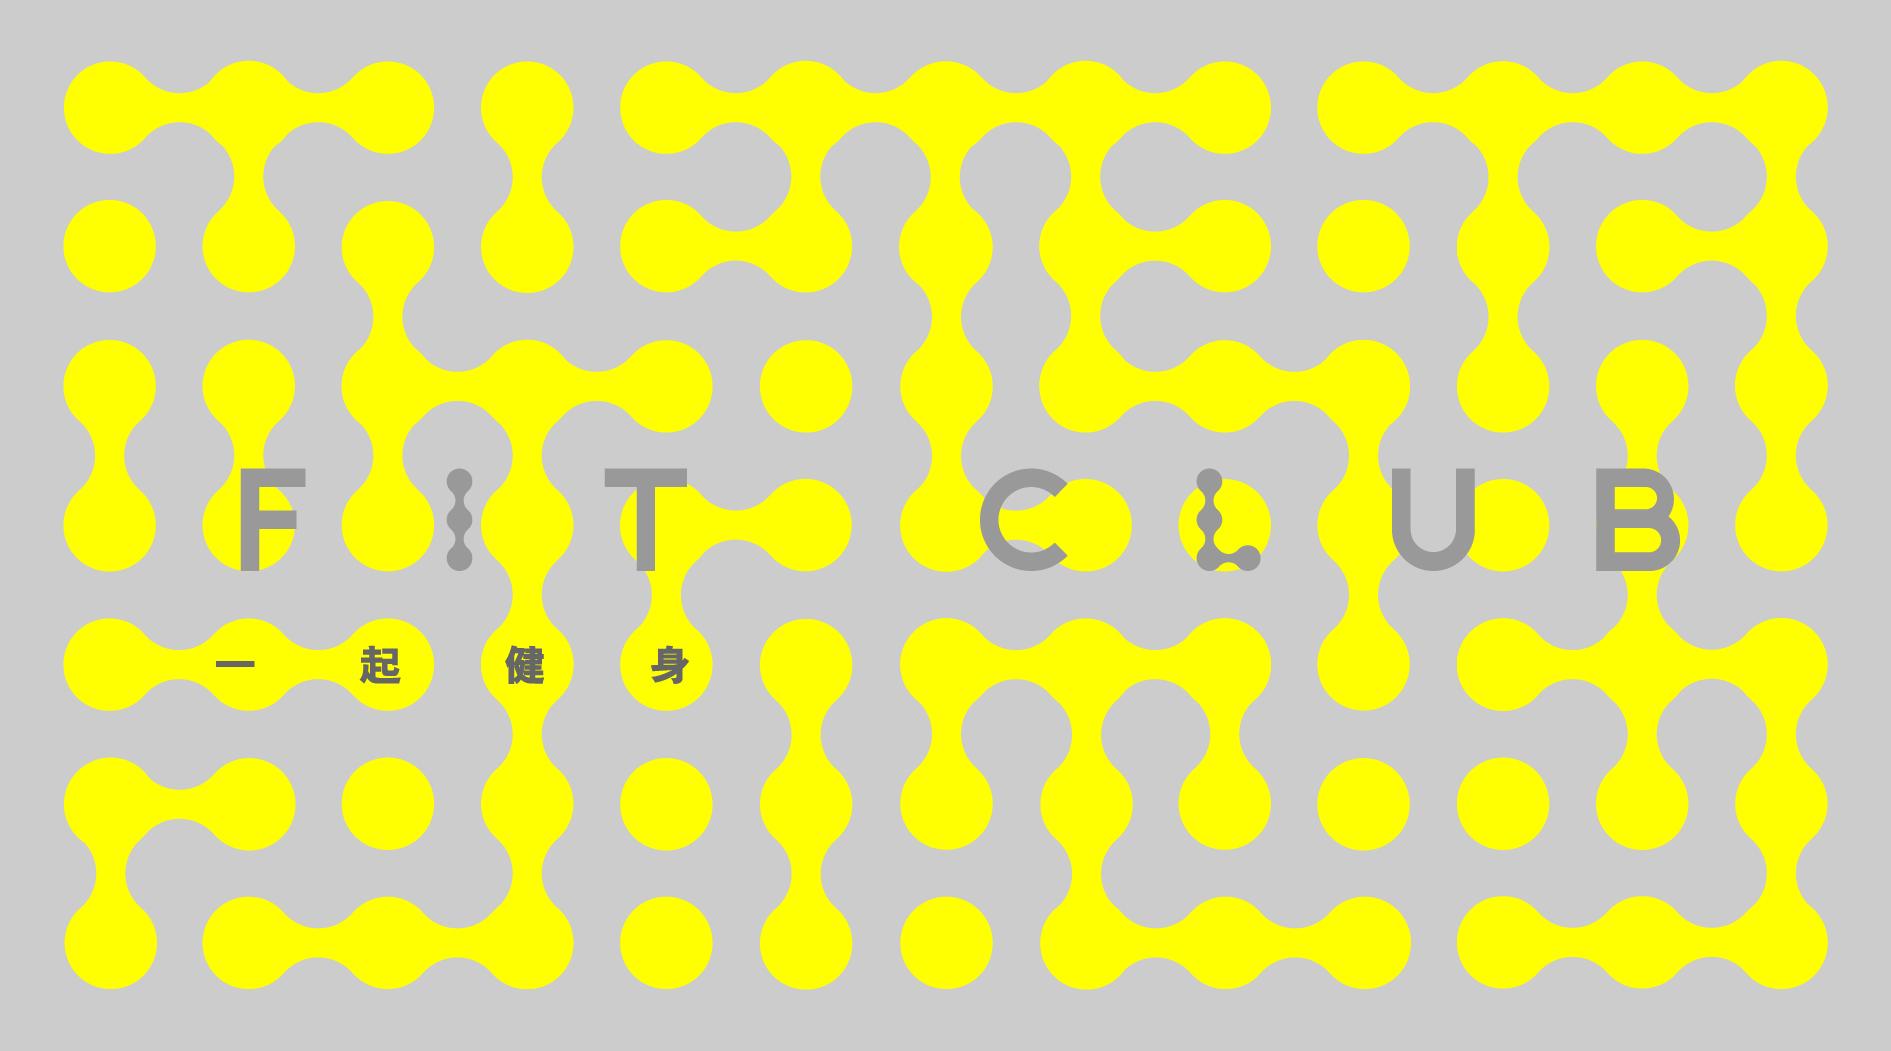 0102 17fit club案例整理1-15